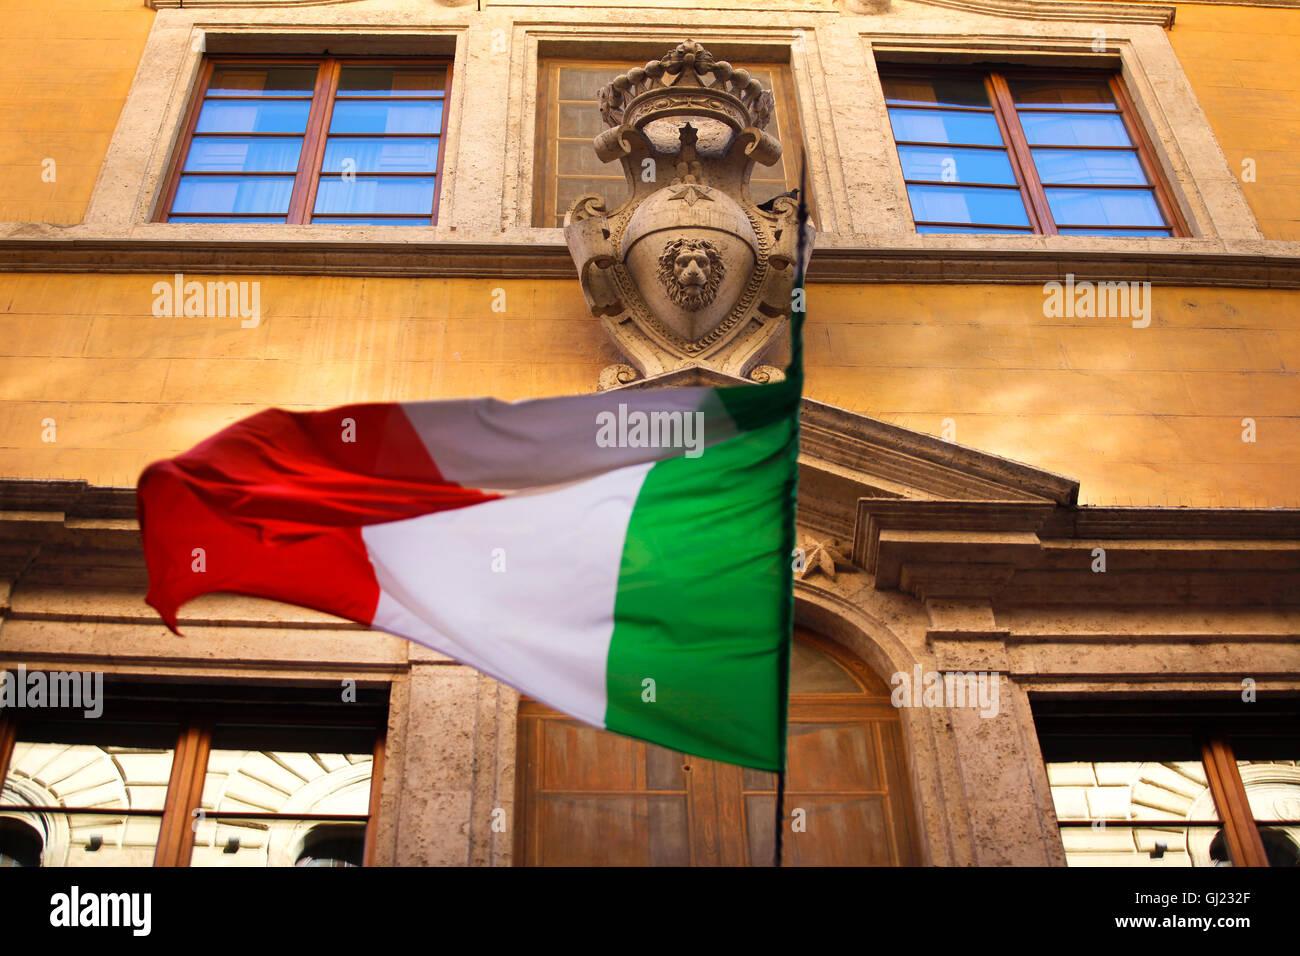 Italian flag flying on Via Banchi di Sopra in Siena, Italy. - Stock Image